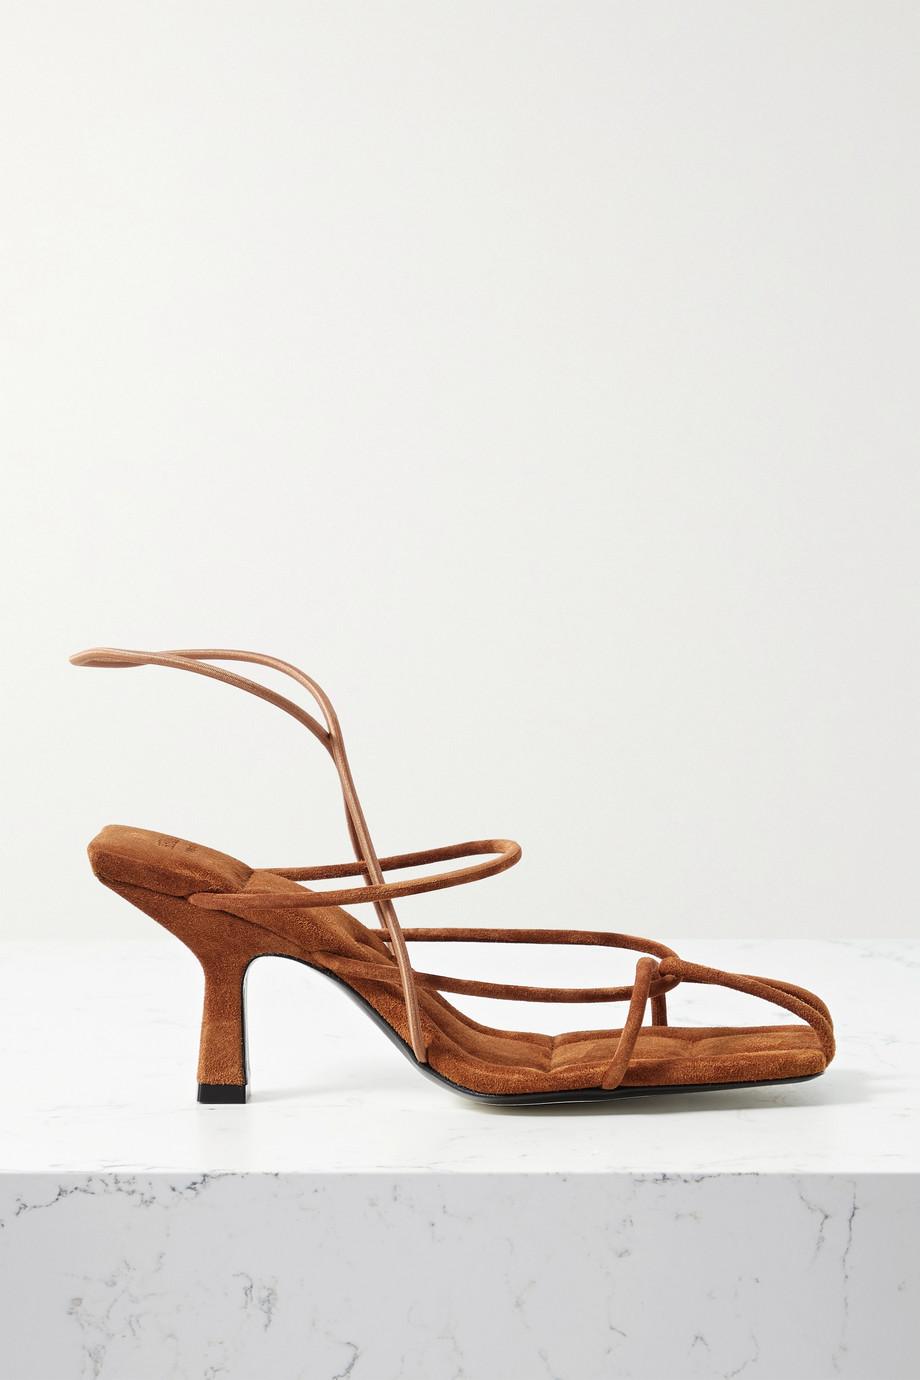 Khaite Monza suede sandals